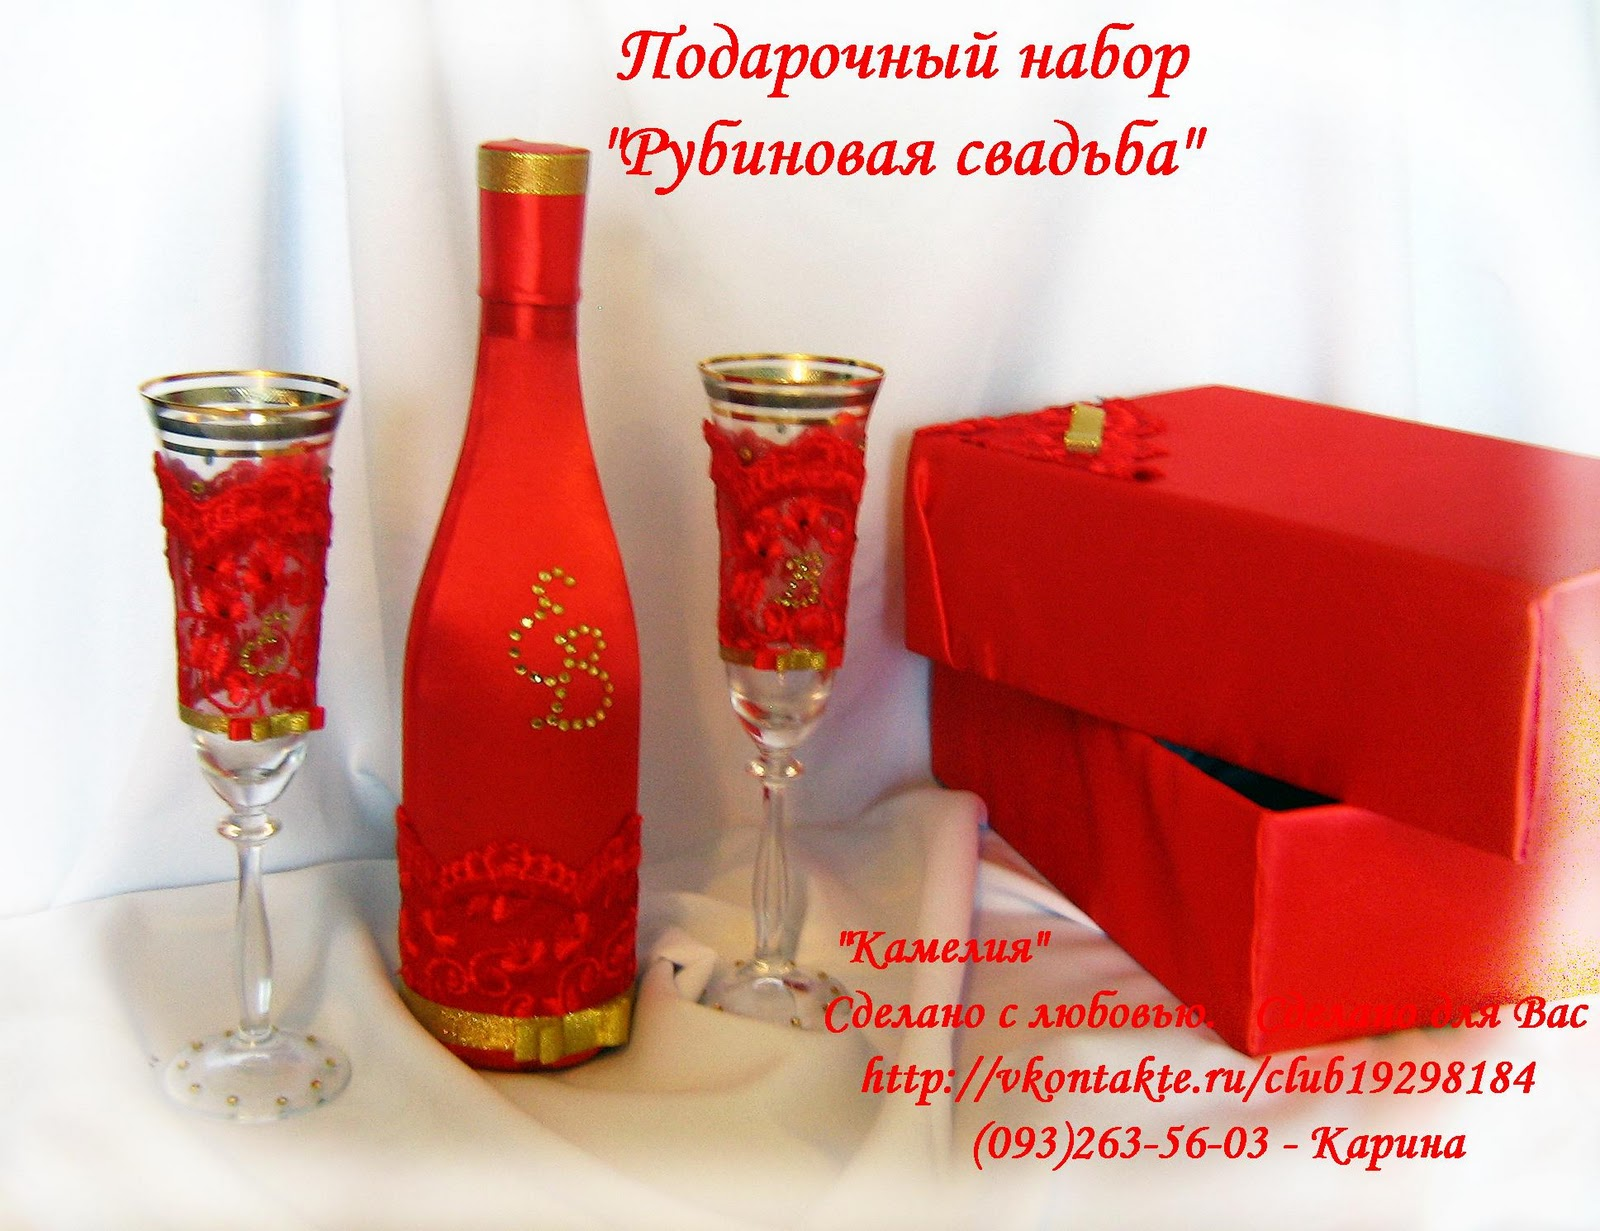 Подарок друзьям на рубиновую свадьбу 81